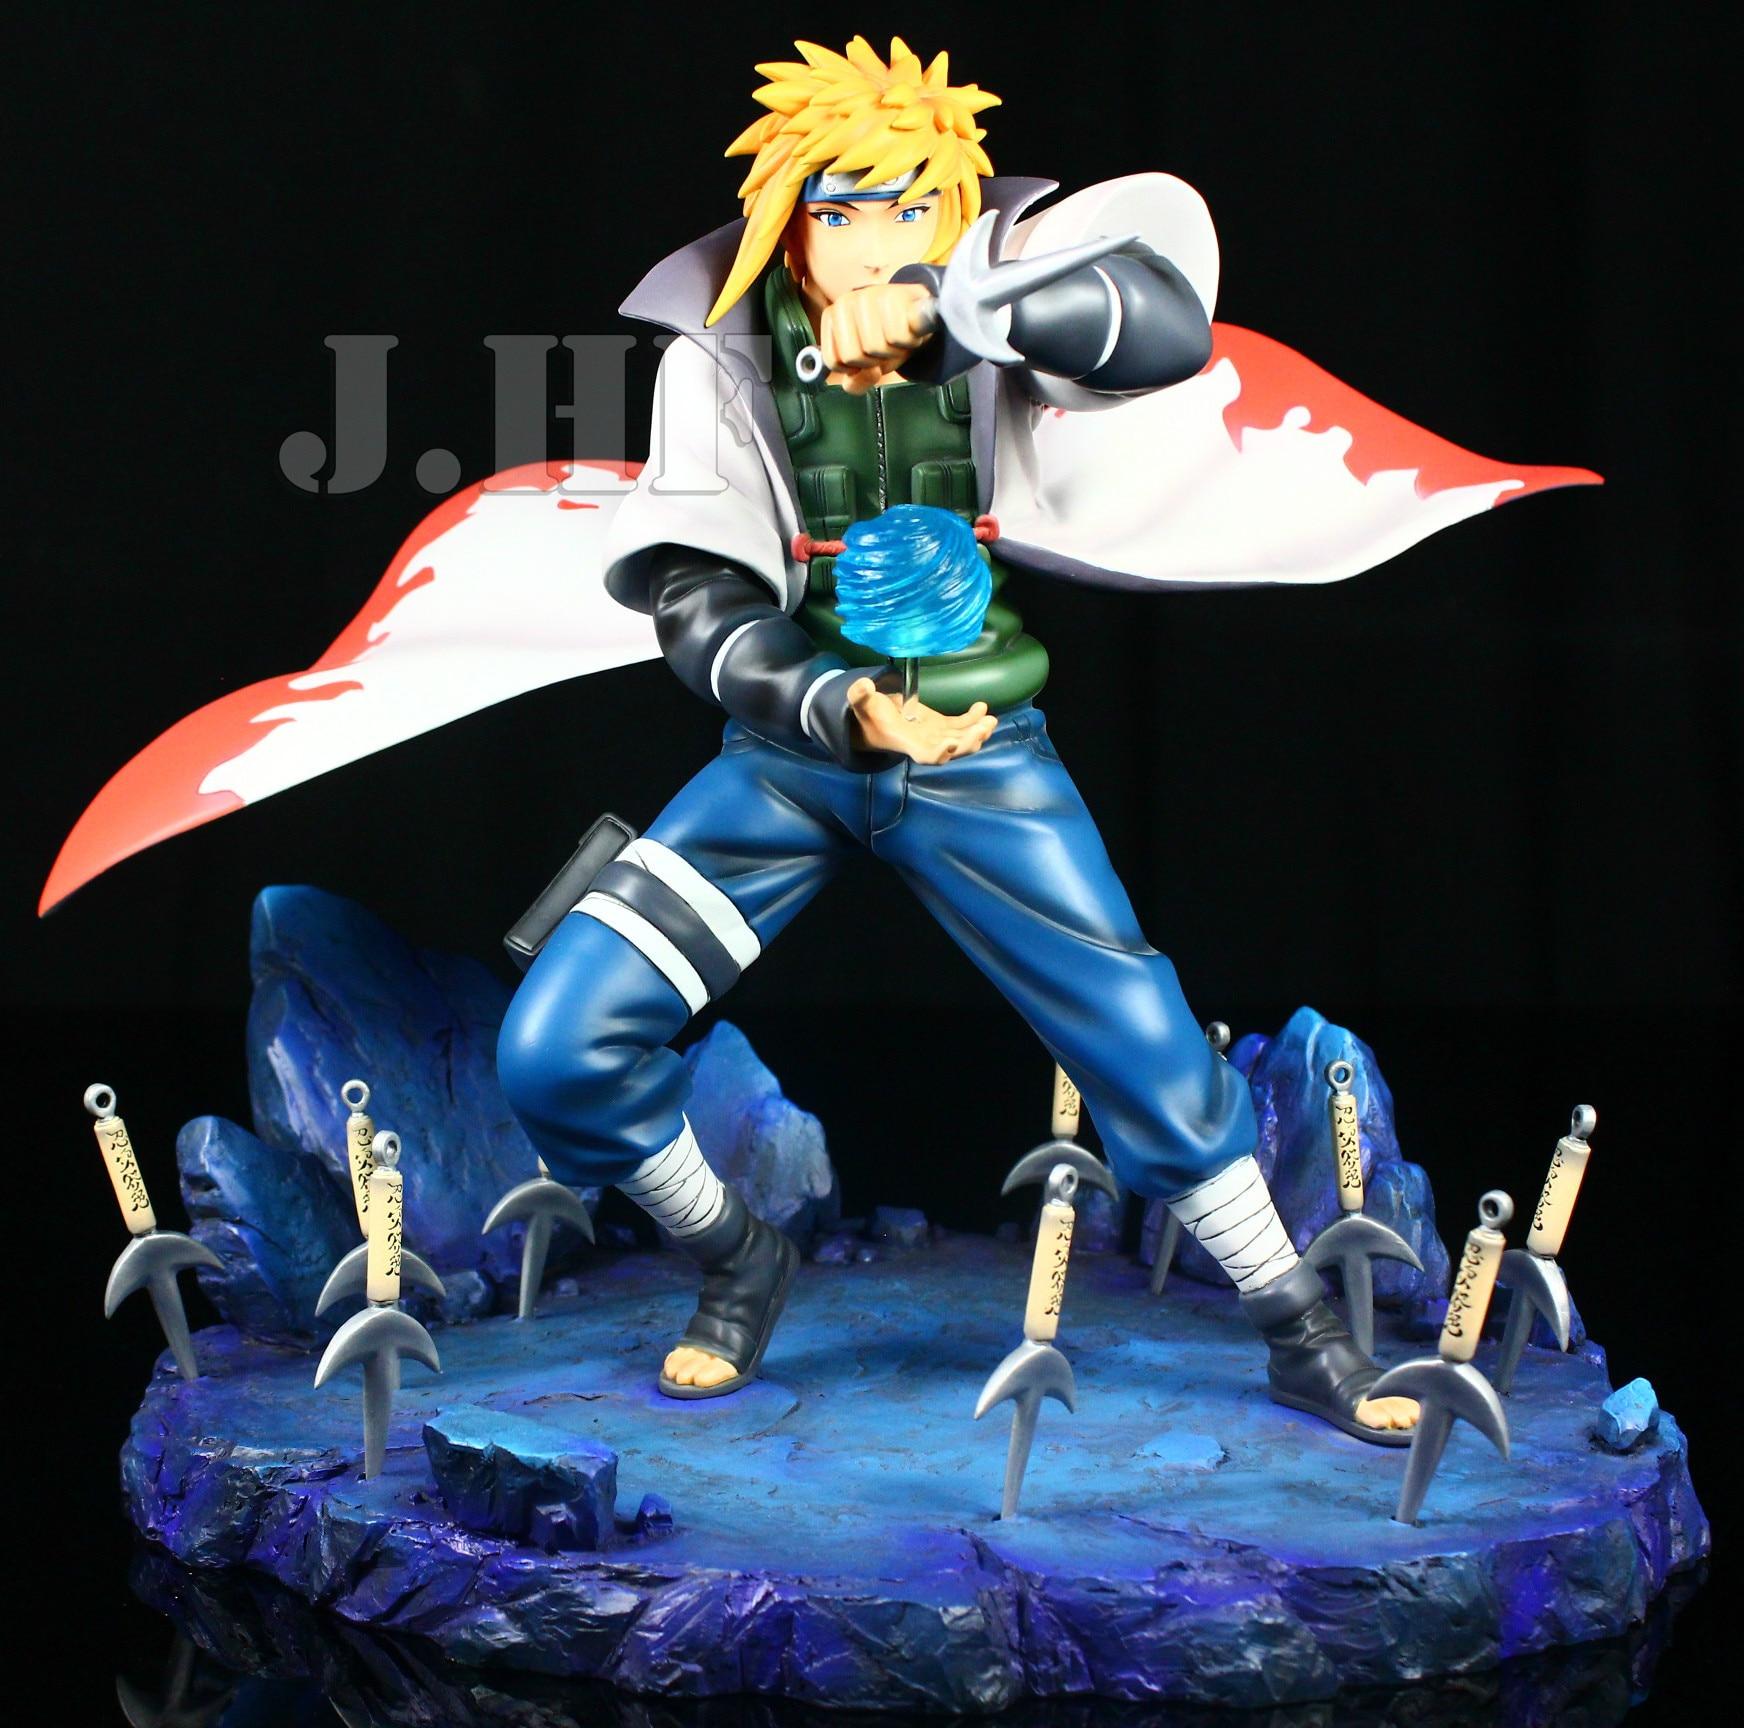 Naruto Shippuden Minato Namikaze Rasengan